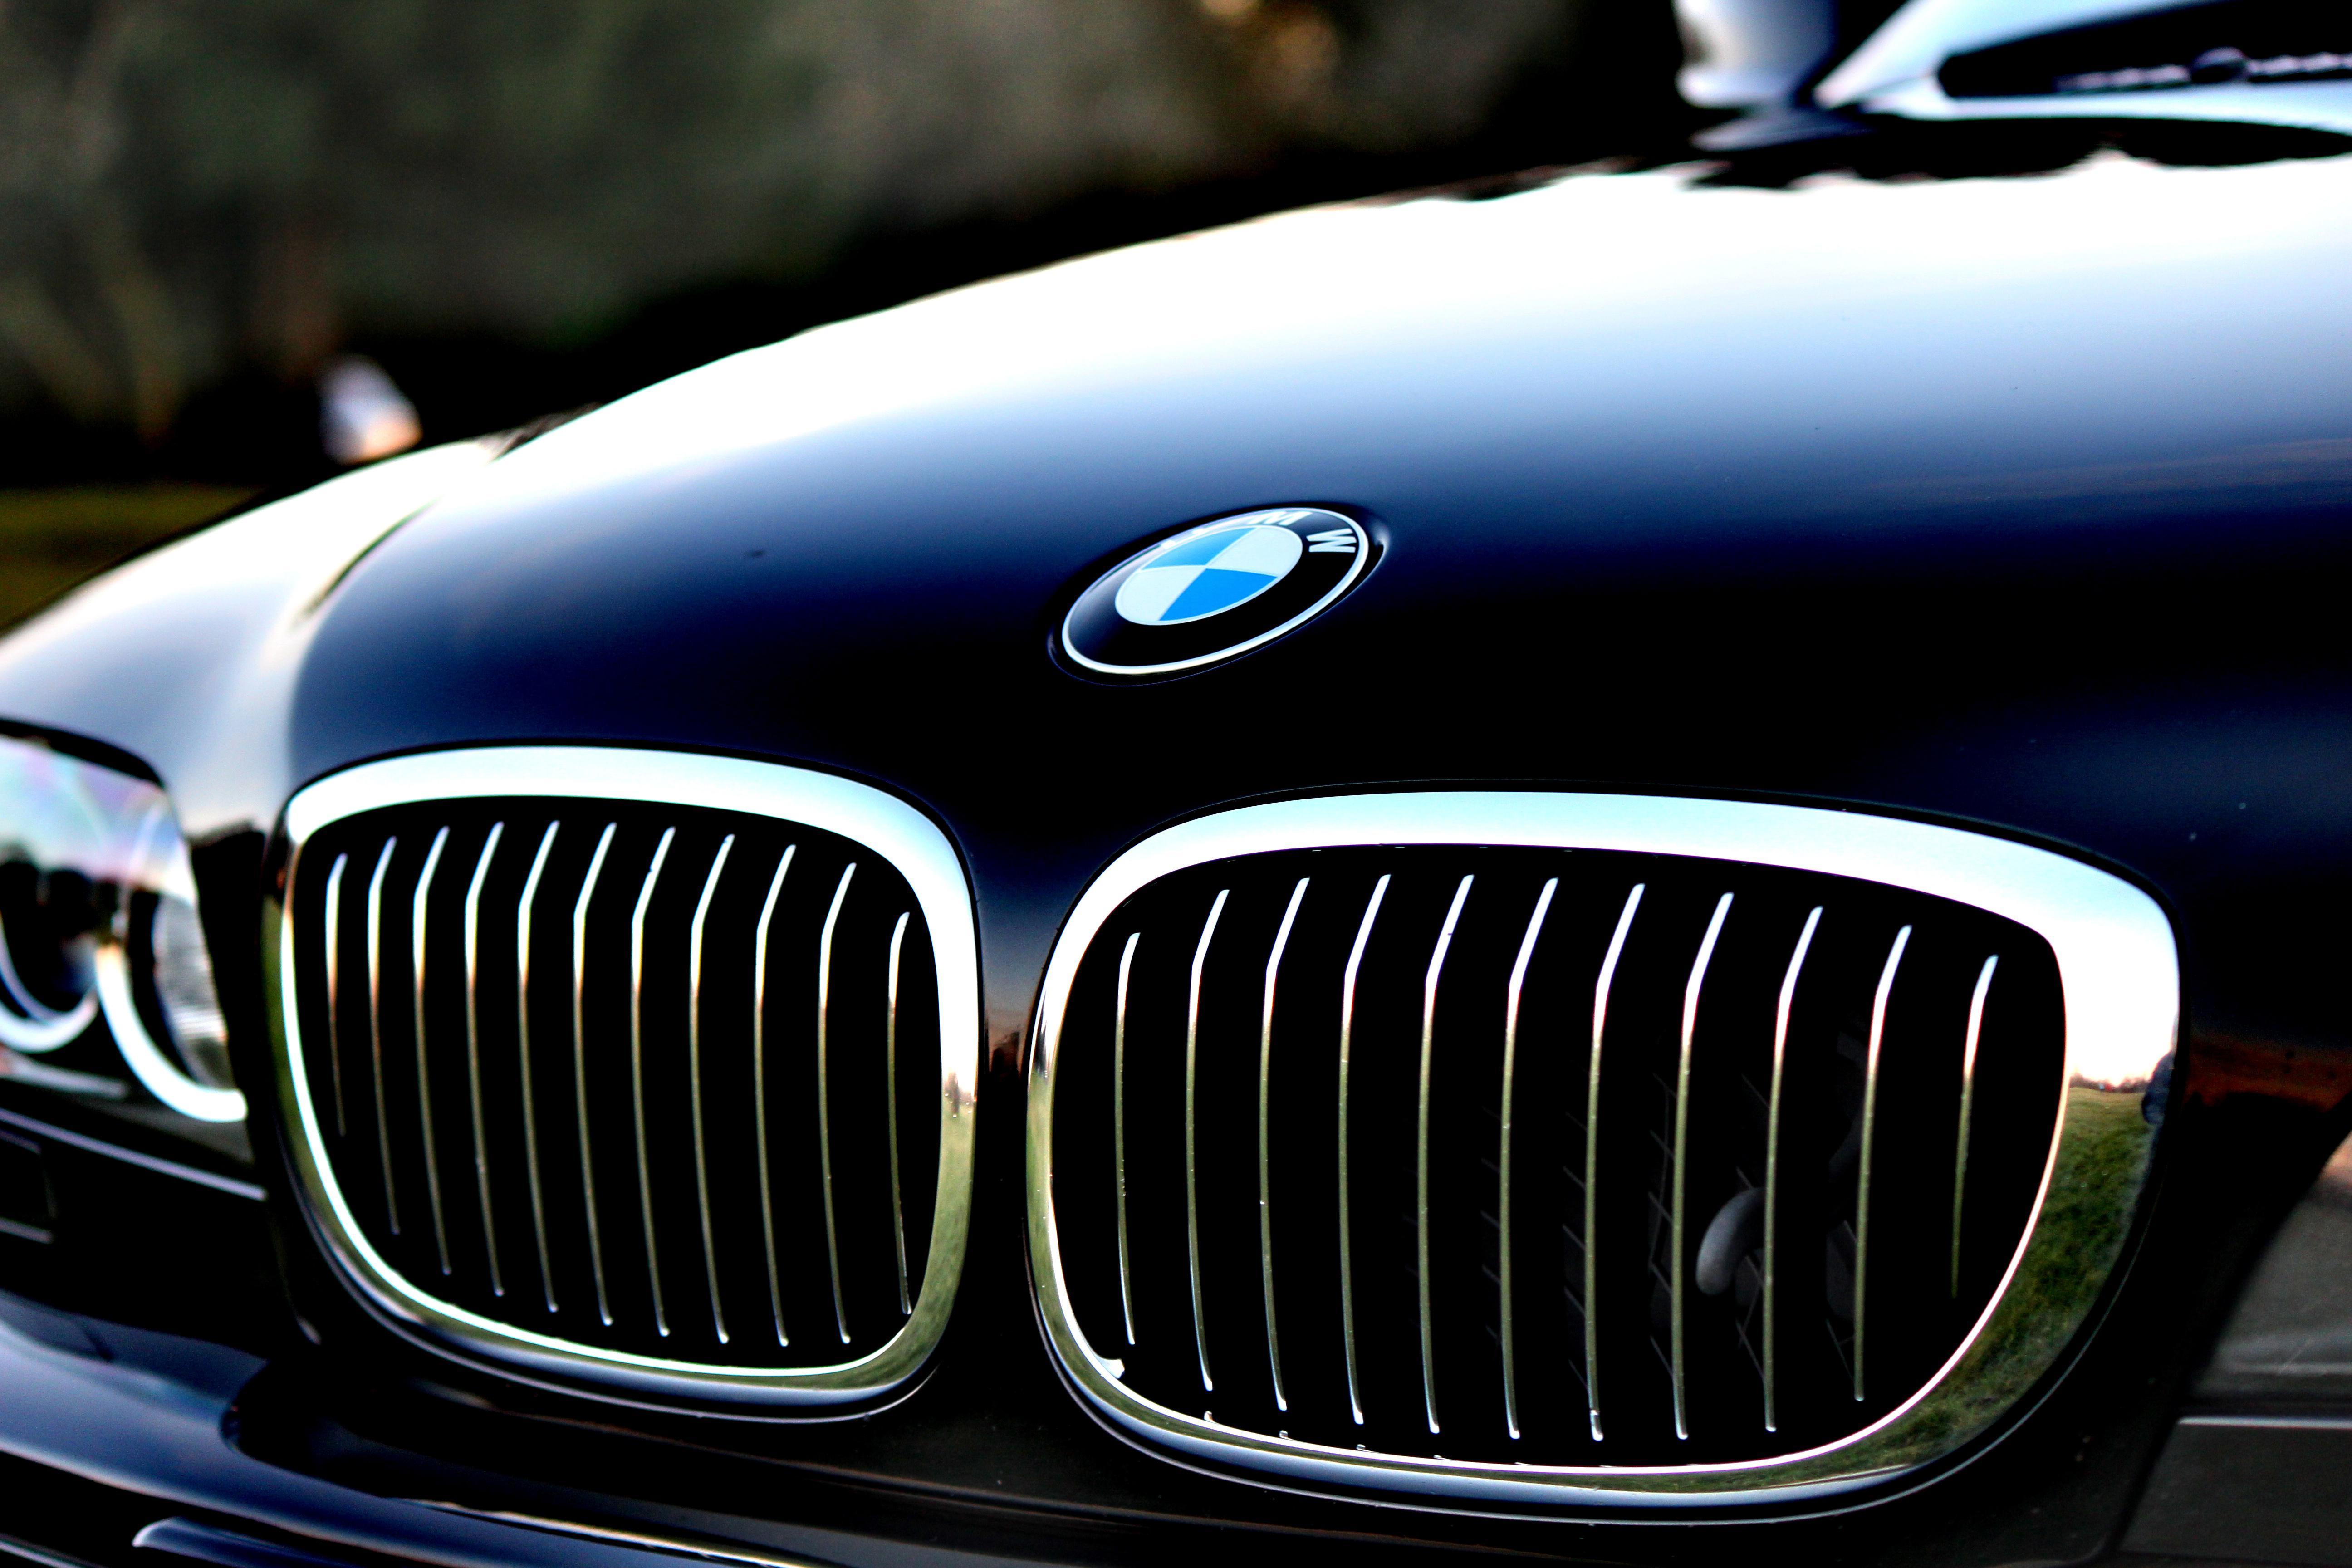 119336 скачать обои Тачки (Cars), Бмв (Bmw), Капот, Логотип - заставки и картинки бесплатно